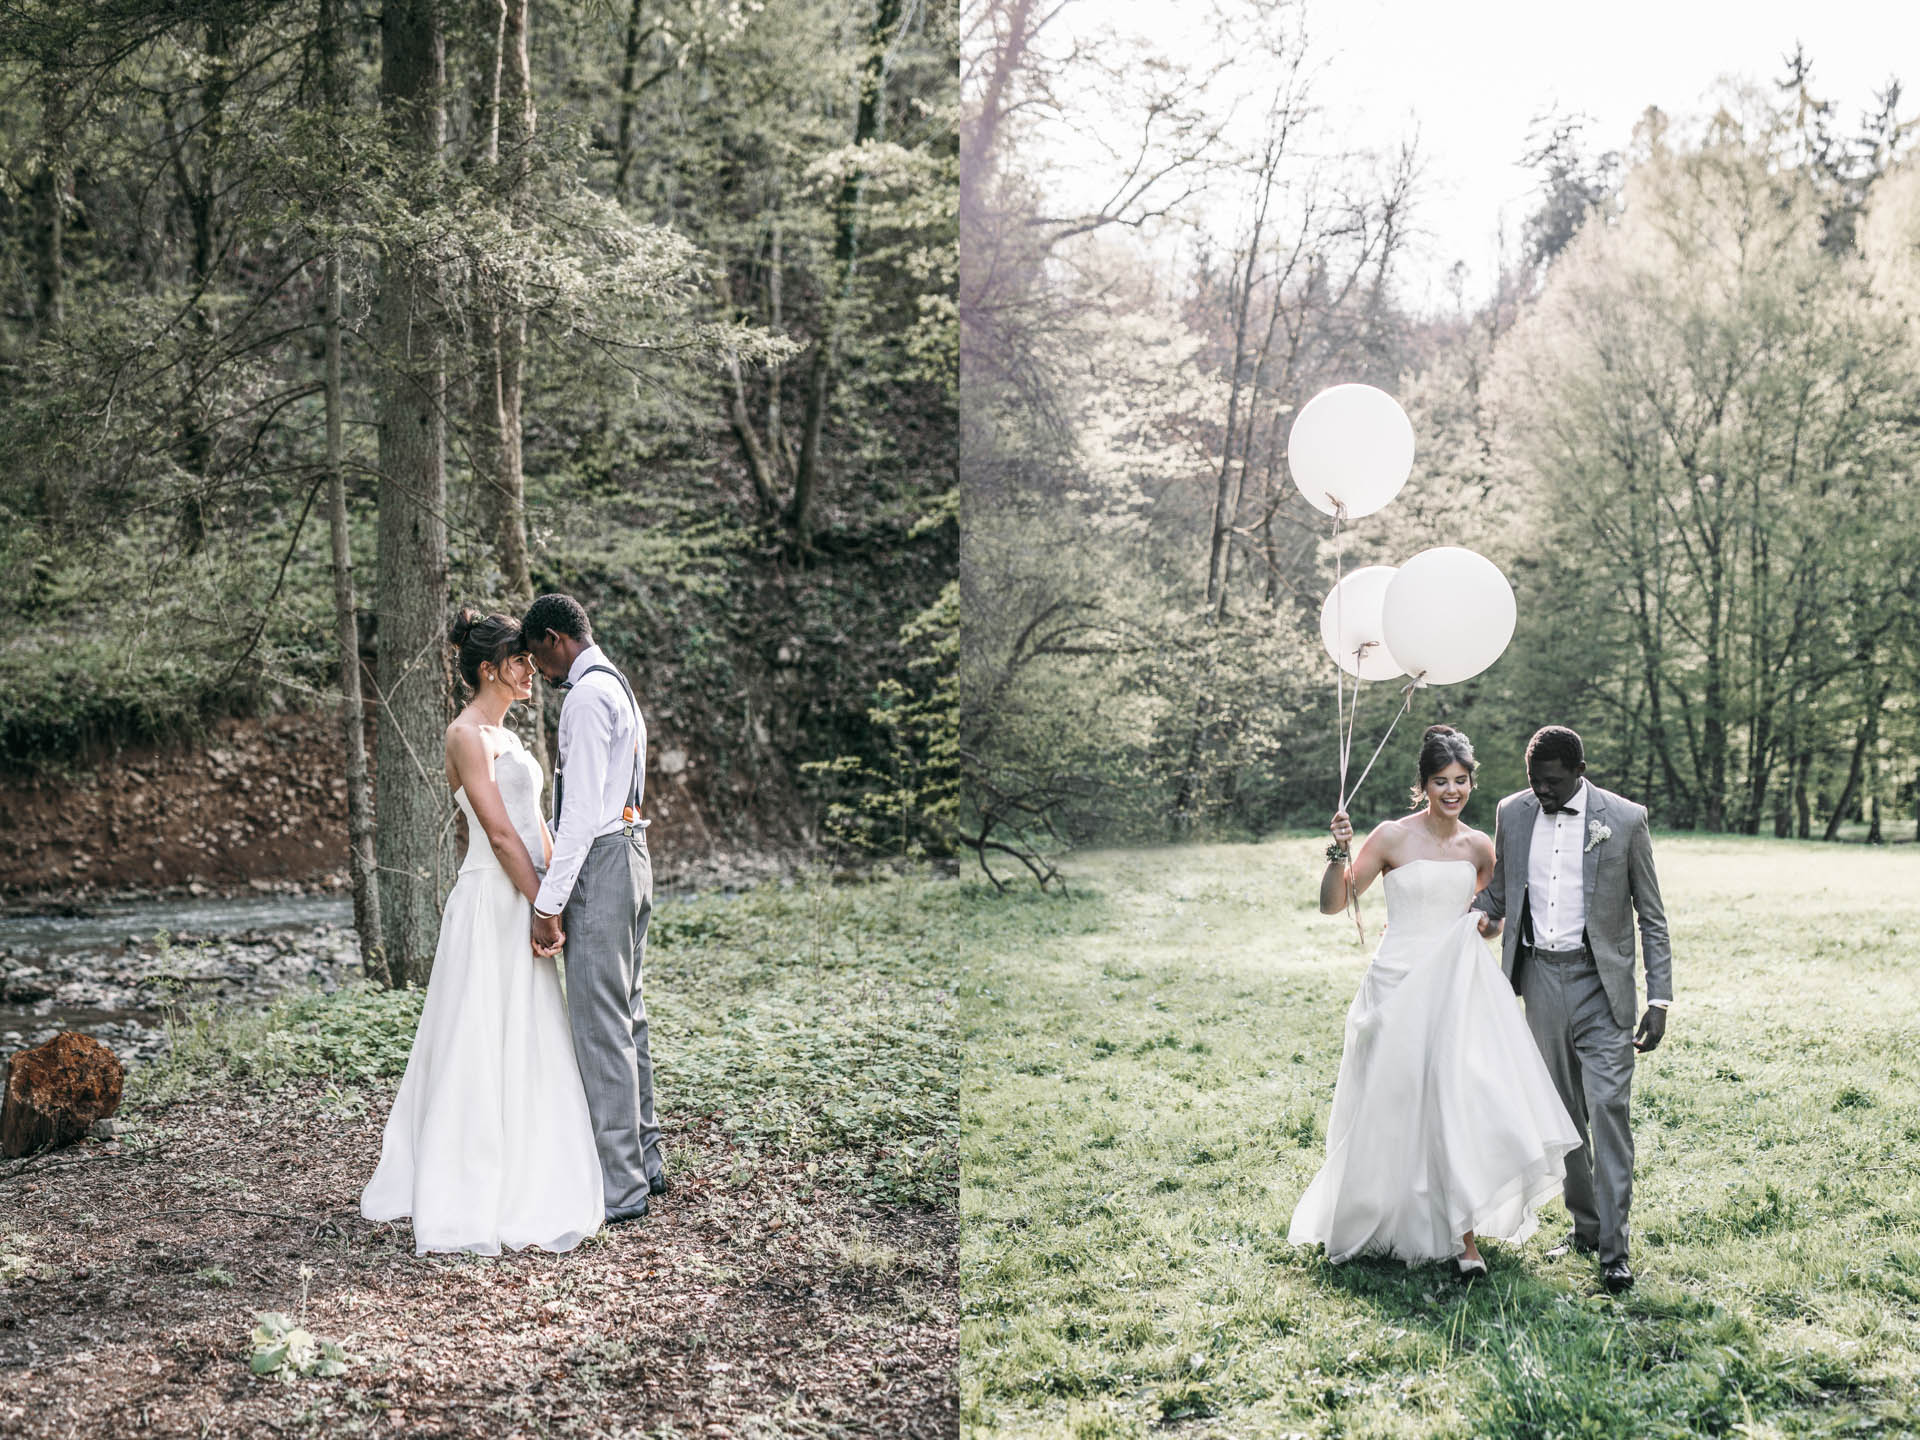 Brautpaar Hand in Hand auf der Wiese vor dem Wald